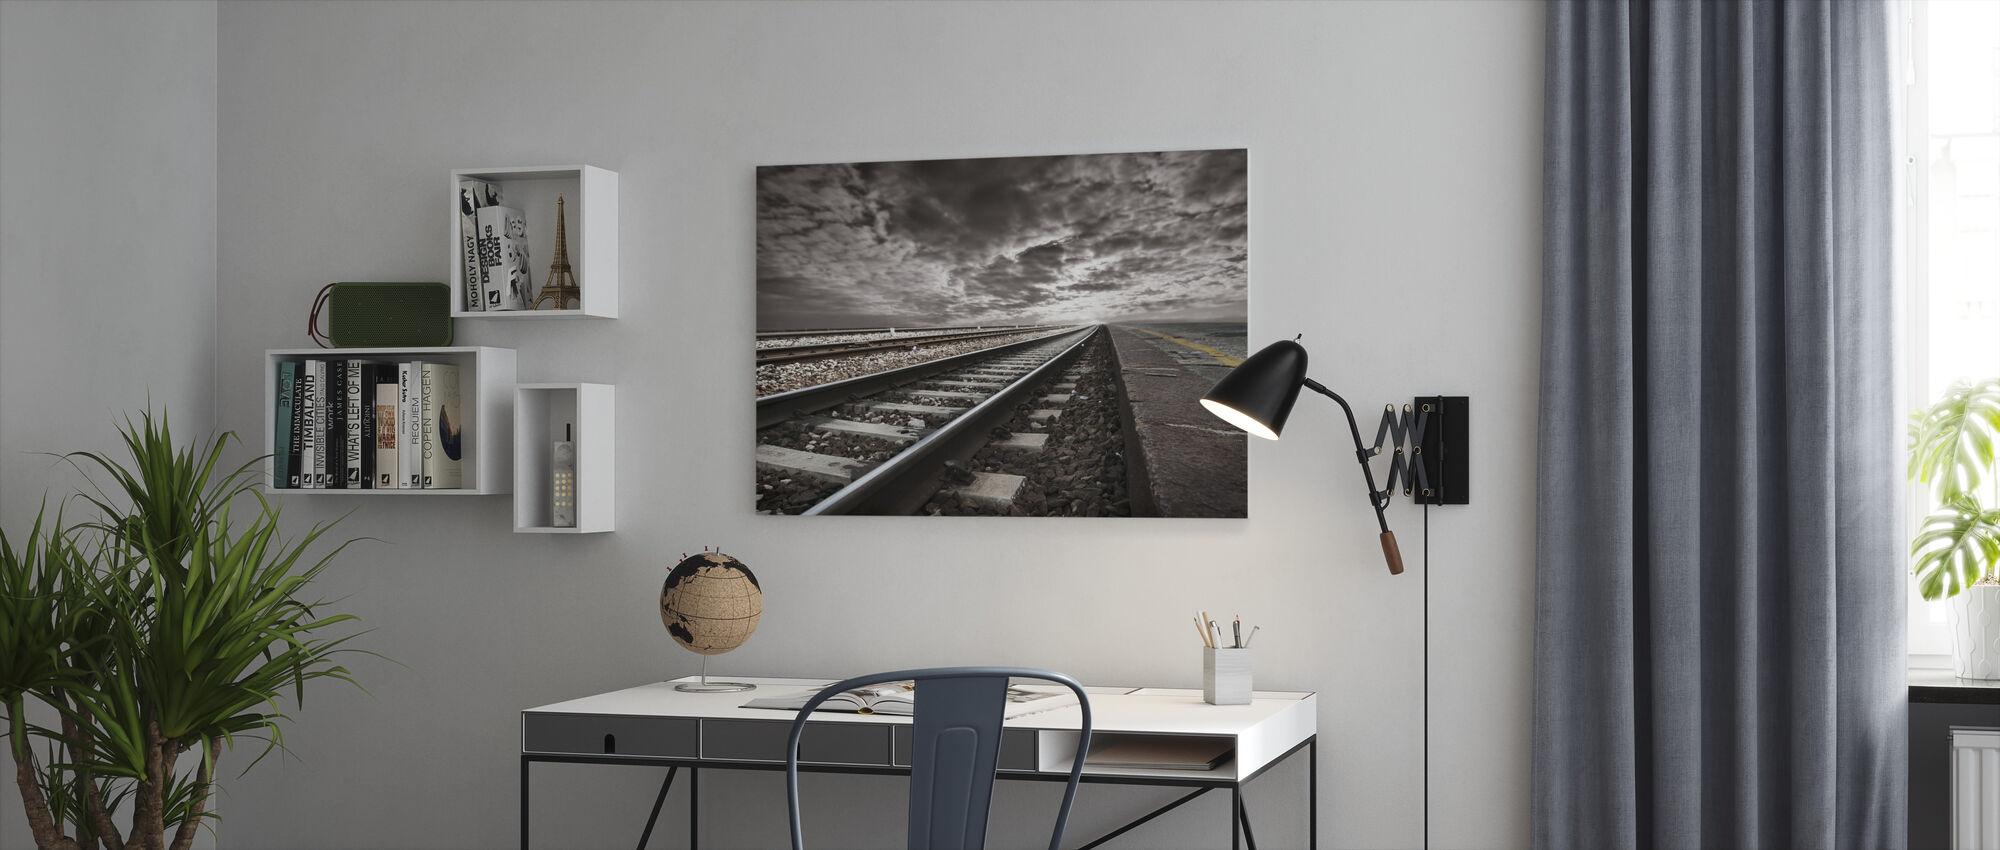 Vaciar vías ferroviarias - Lienzo - Oficina